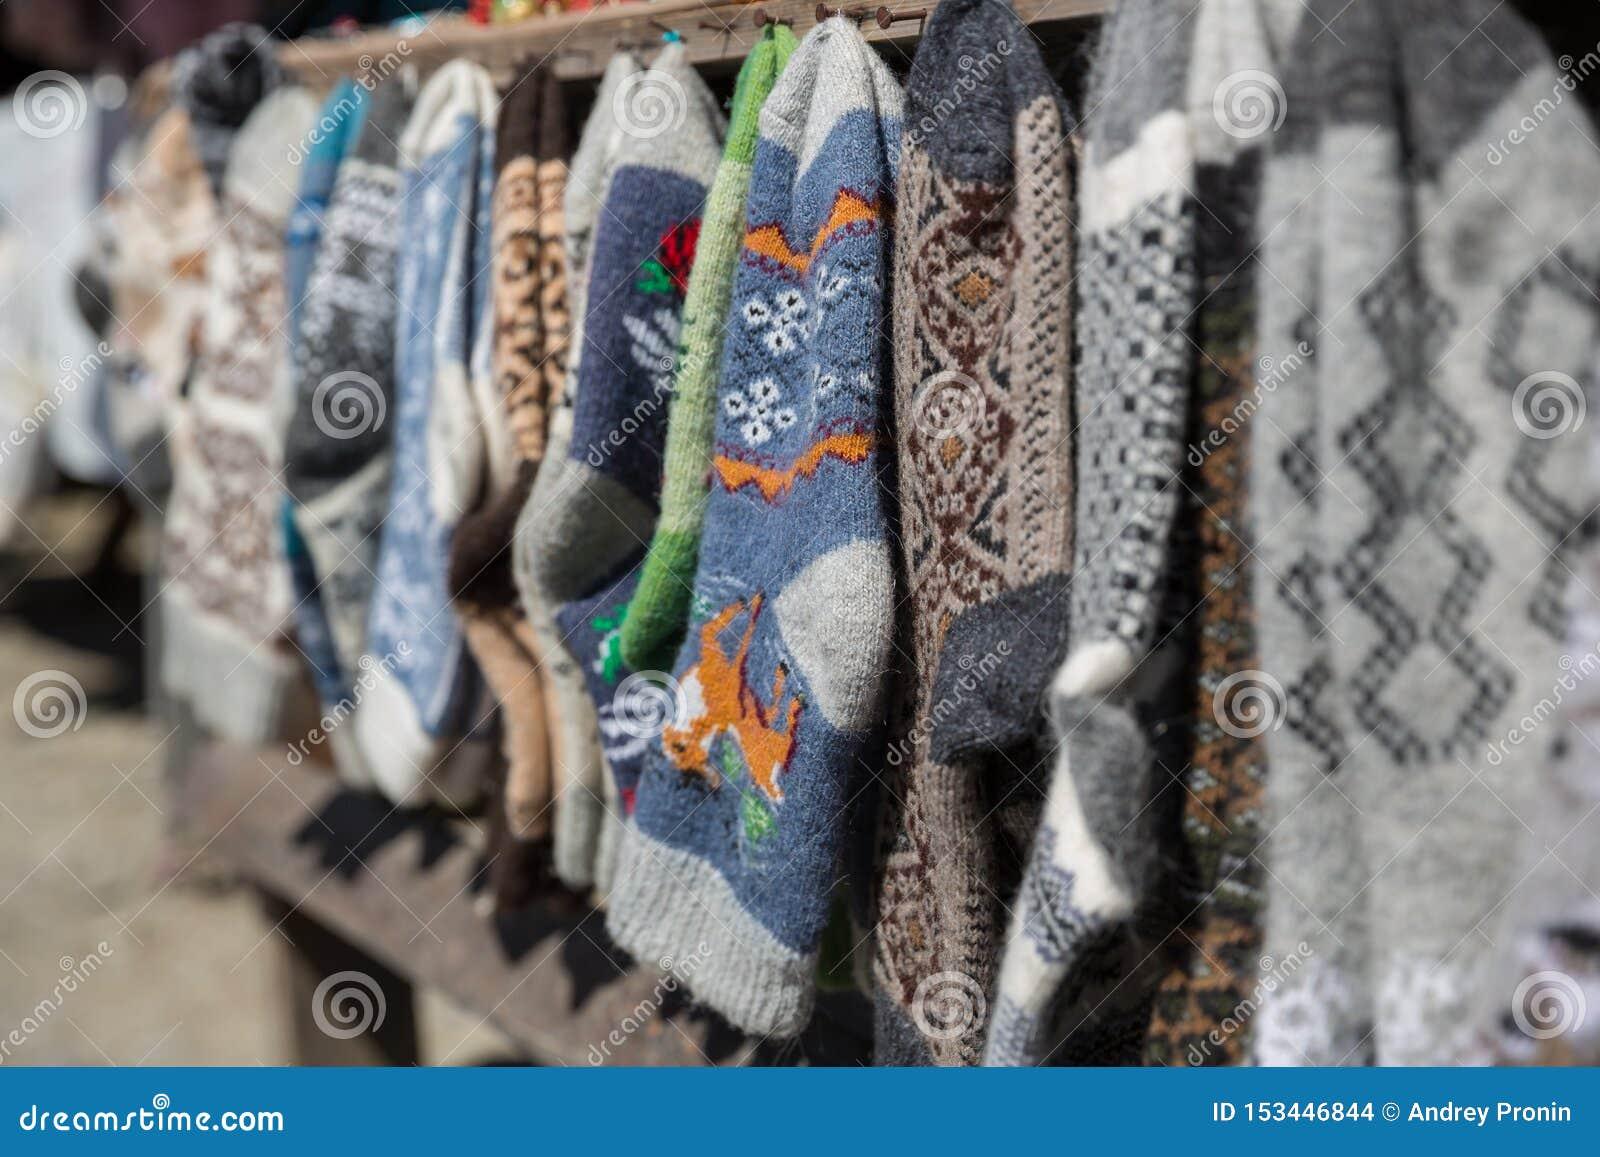 Chaussettes et pantoufles tricotées, la Géorgie Marché en plein air avec les chaussettes et les pantoufles tricotées,